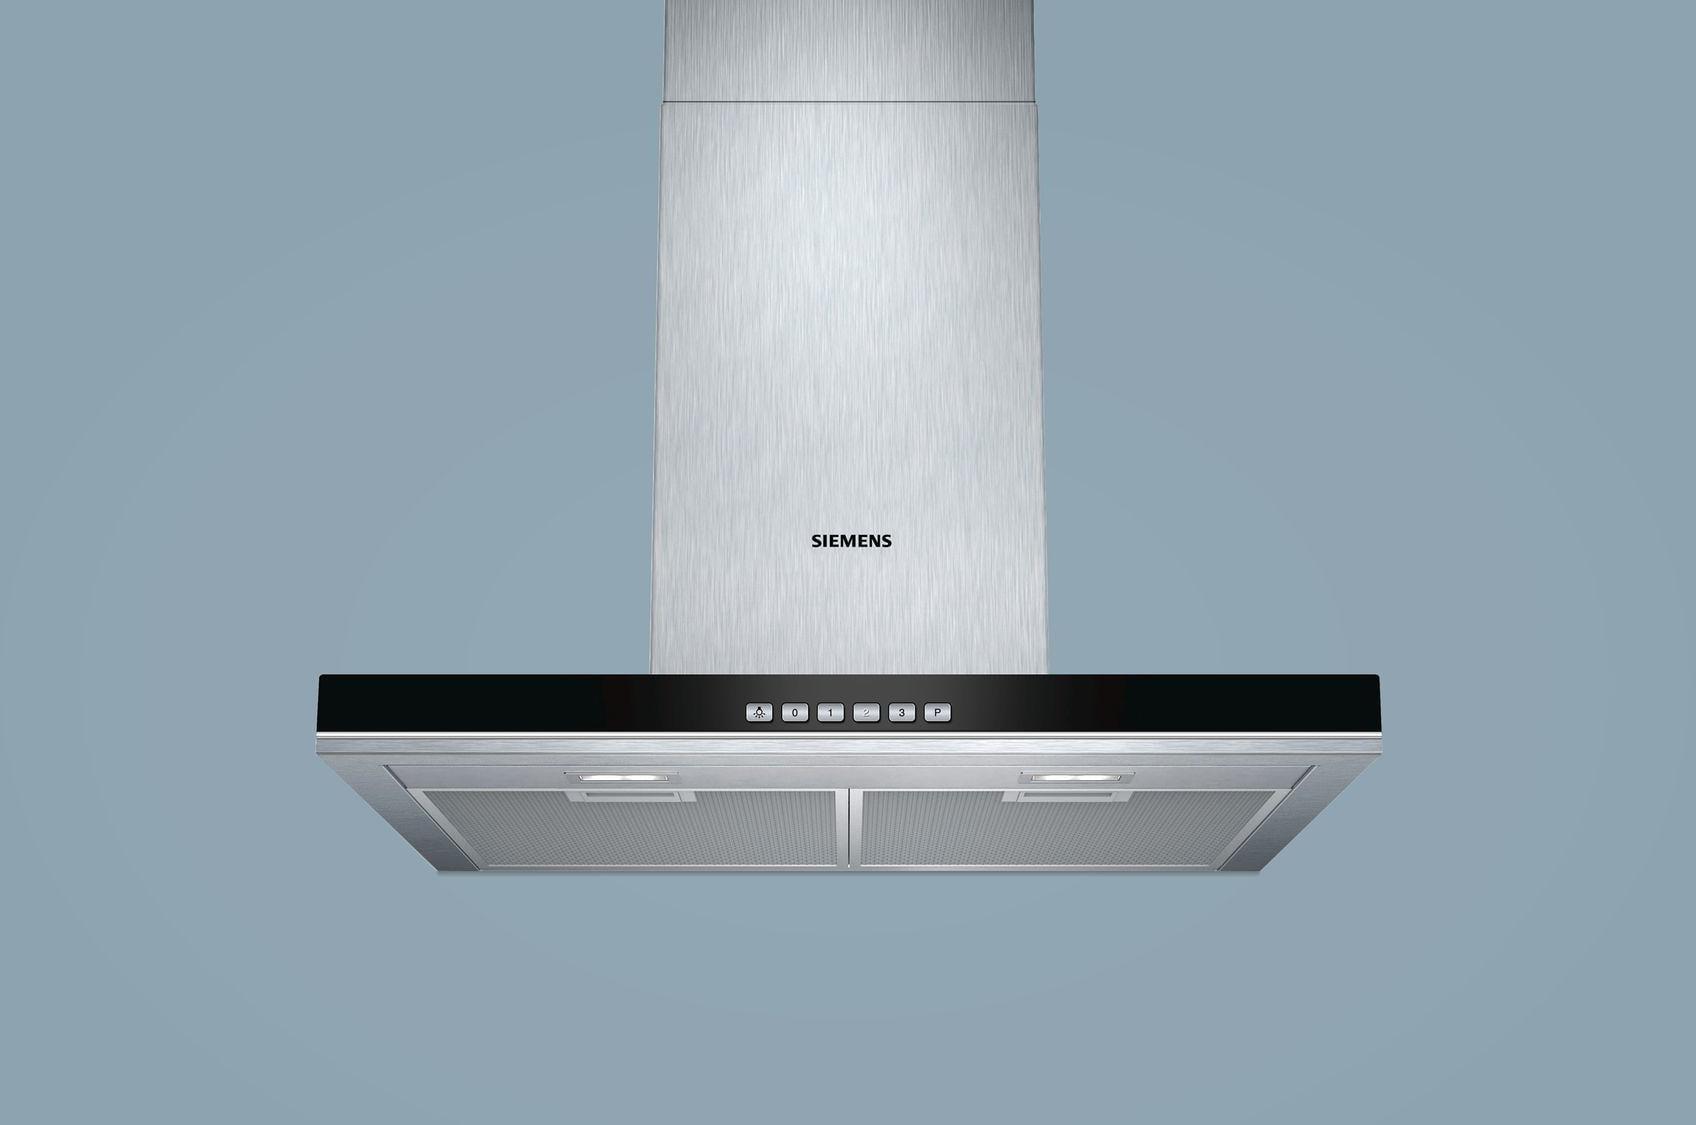 Siemens lc67bf532 dunstabzugshaube wand esse 60 cm breit ab